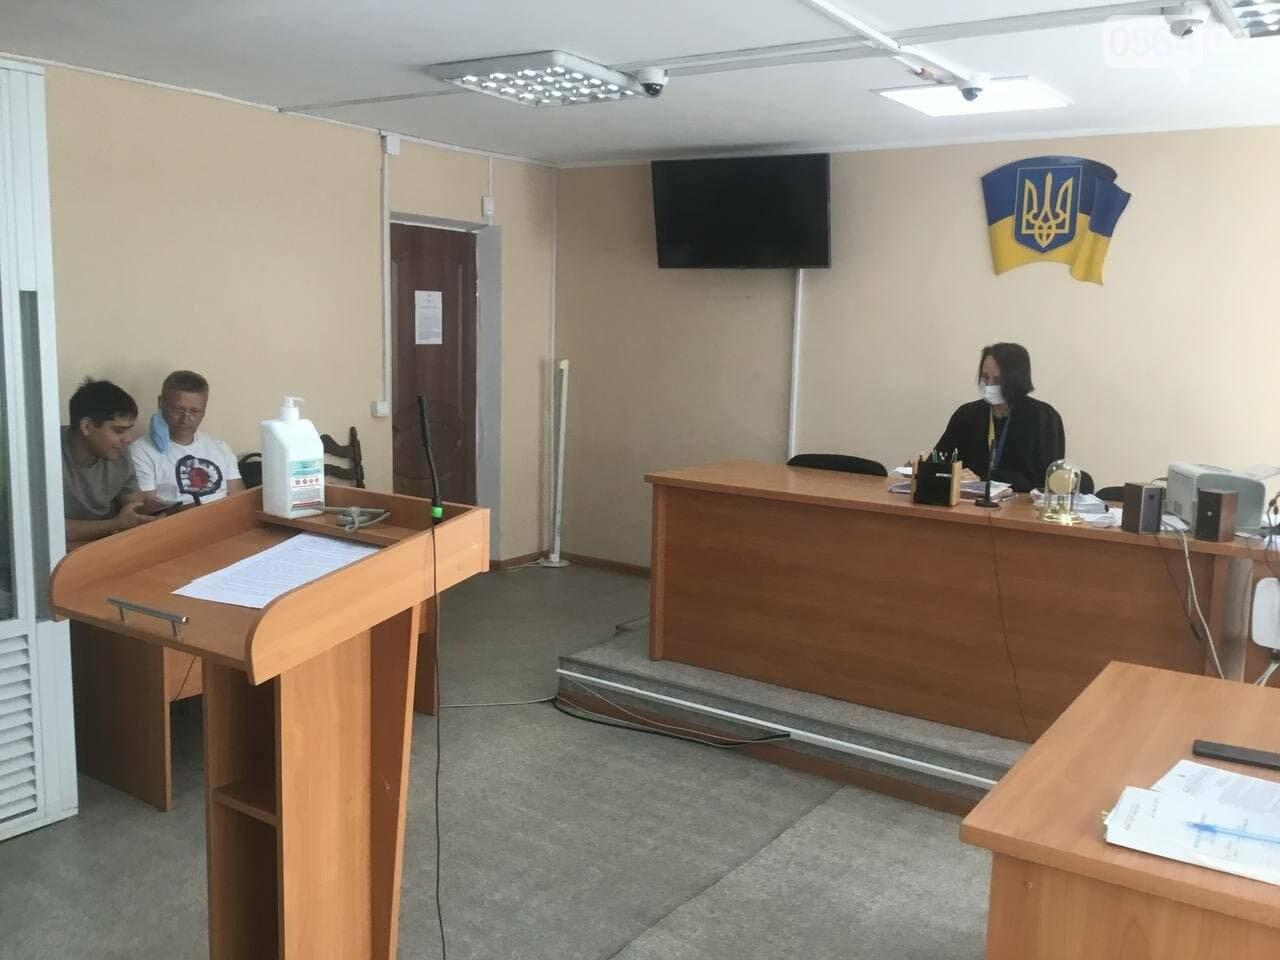 Муниципальный гвардеец против активиста: в суде заявили ходатайства о реагировании на противозаконные действия полицейских, - ФОТО, ВИДЕО, фото-7